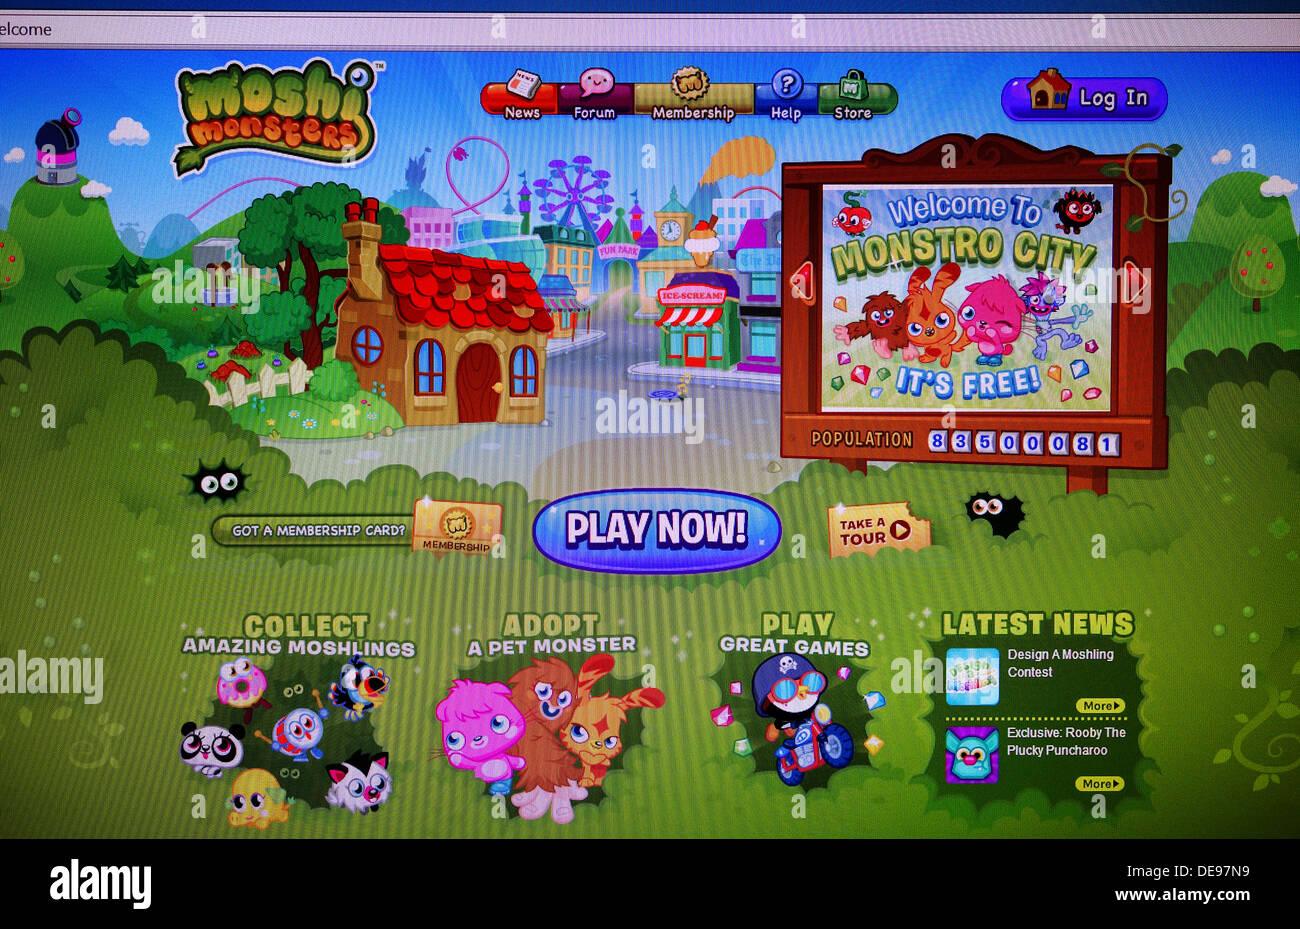 Moshi Monsters juego de internet Imagen De Stock